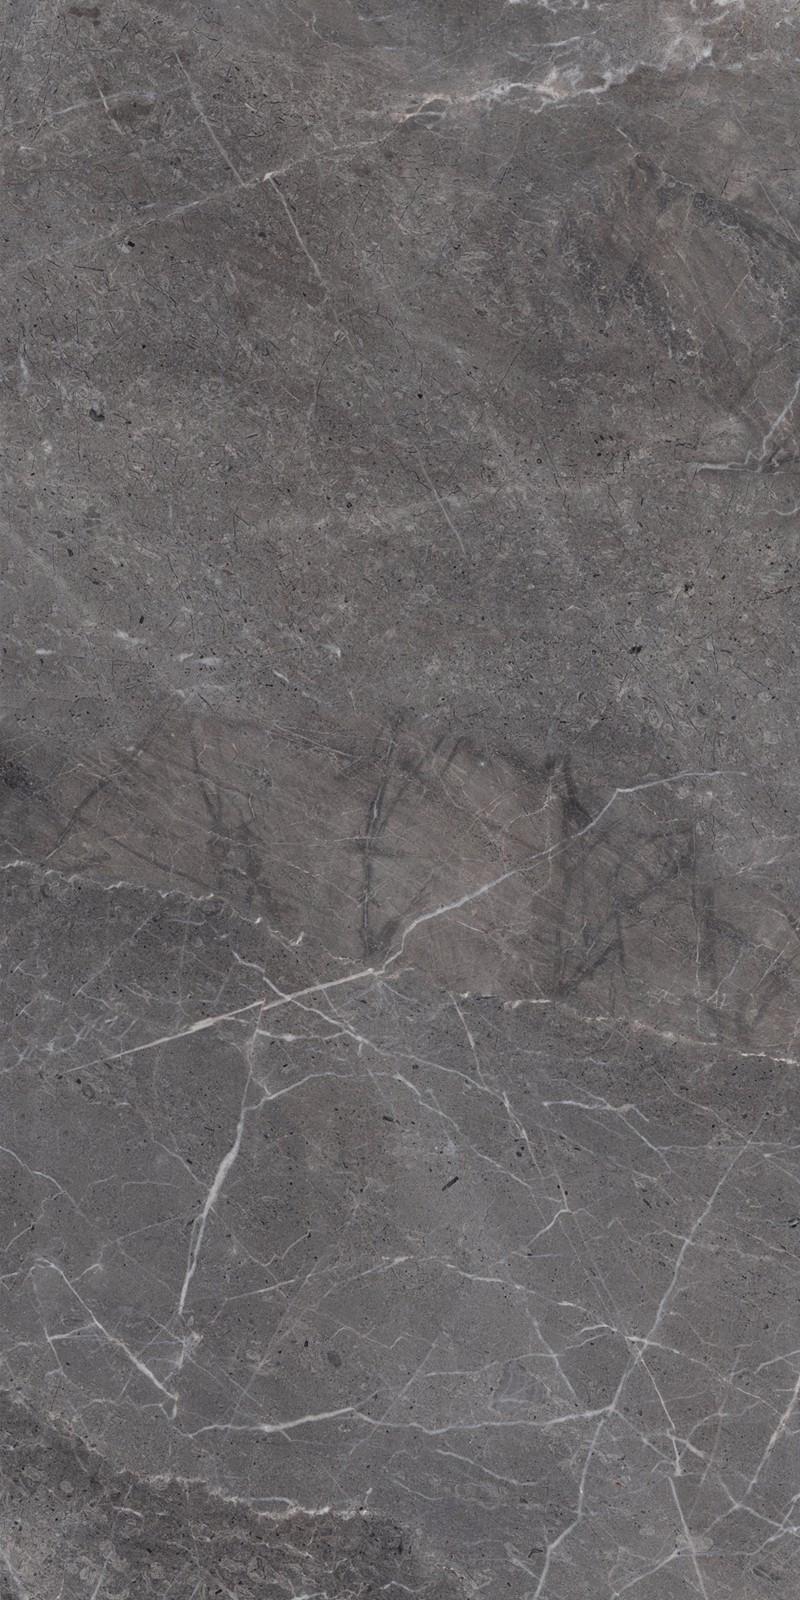 色中色操屄�_3/12 以时尚摩登的隔断,配置以光滑柔亮的瓷砖,冷静的素雅灰色调